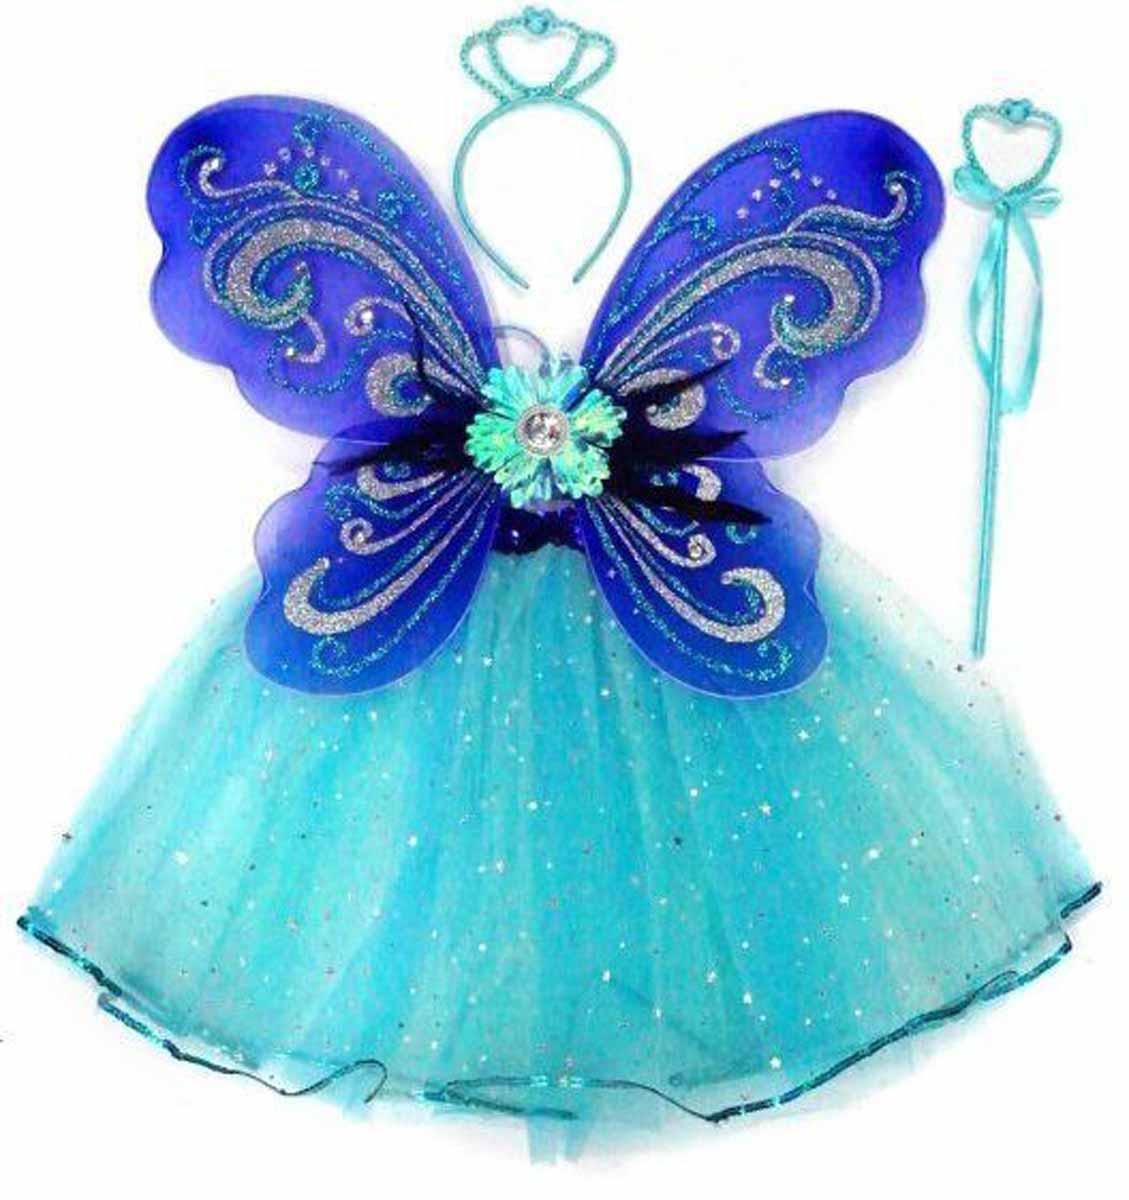 Новогодняя сказка Костюм карнавальный Снежная принцесса цвет голубой 973108 -  Карнавальные костюмы и аксессуары